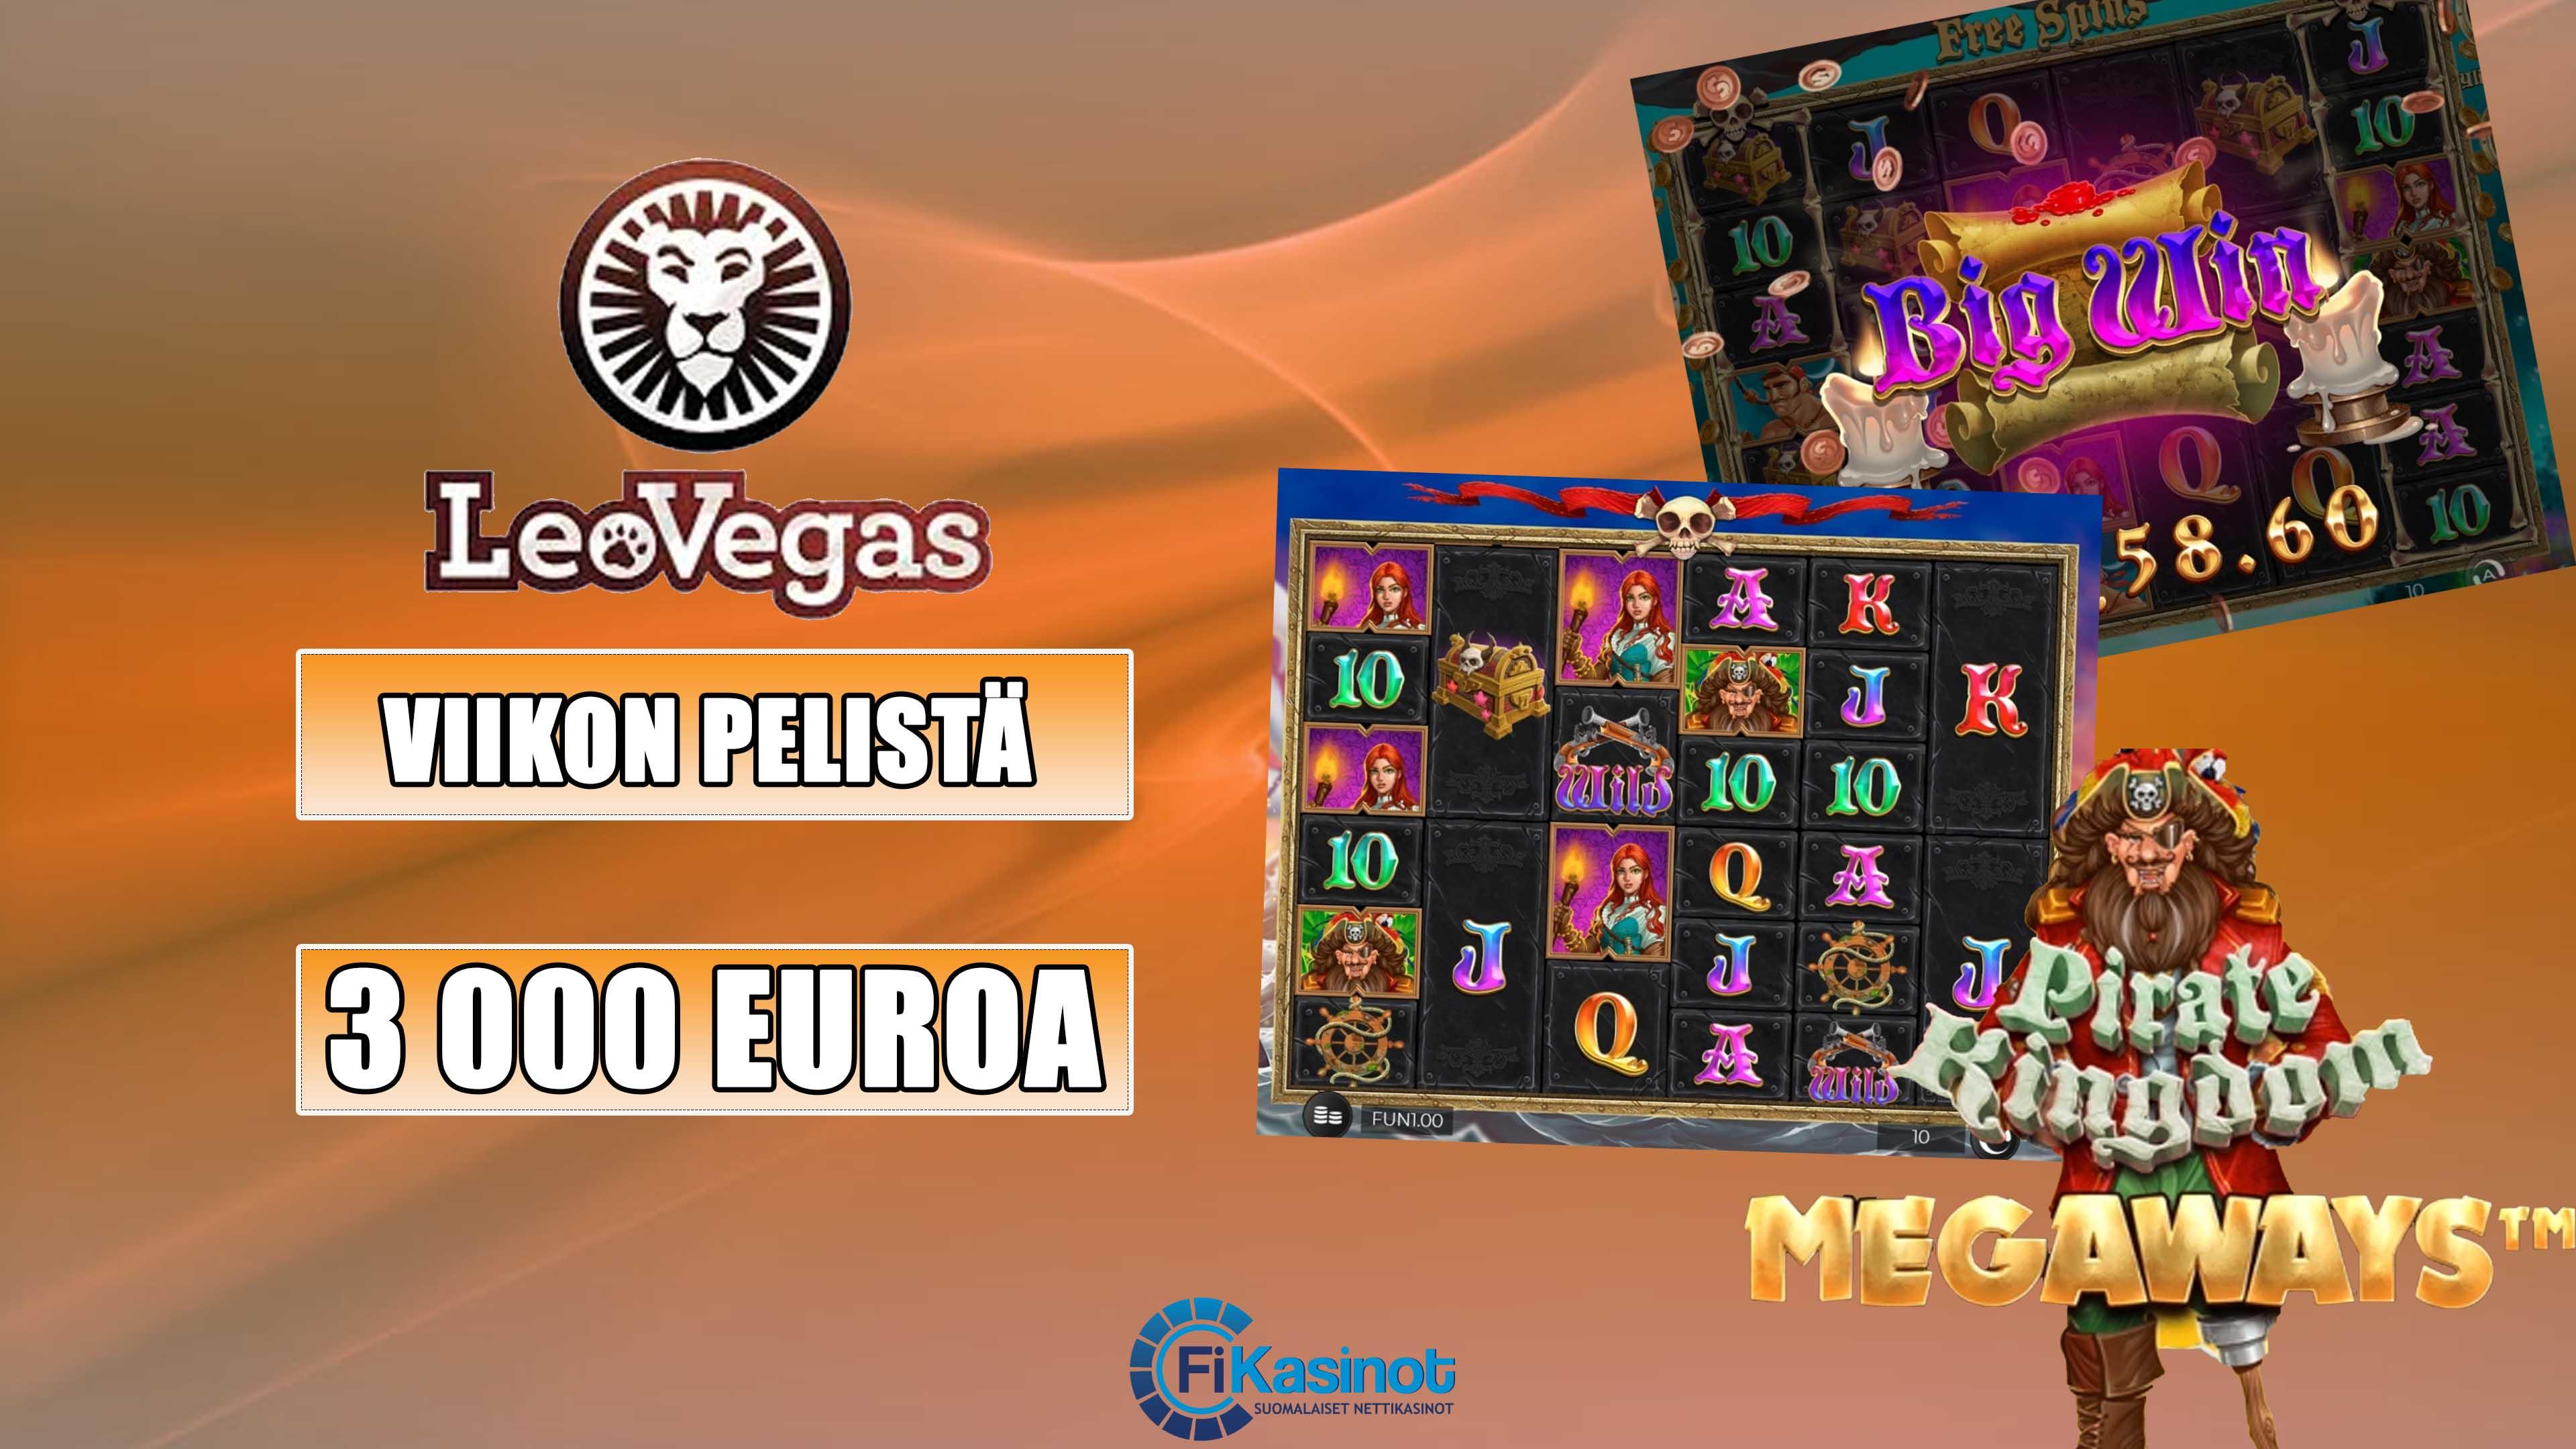 Viikon pelistä käteisvoittoja LeoVegasilta 3 000 euroa